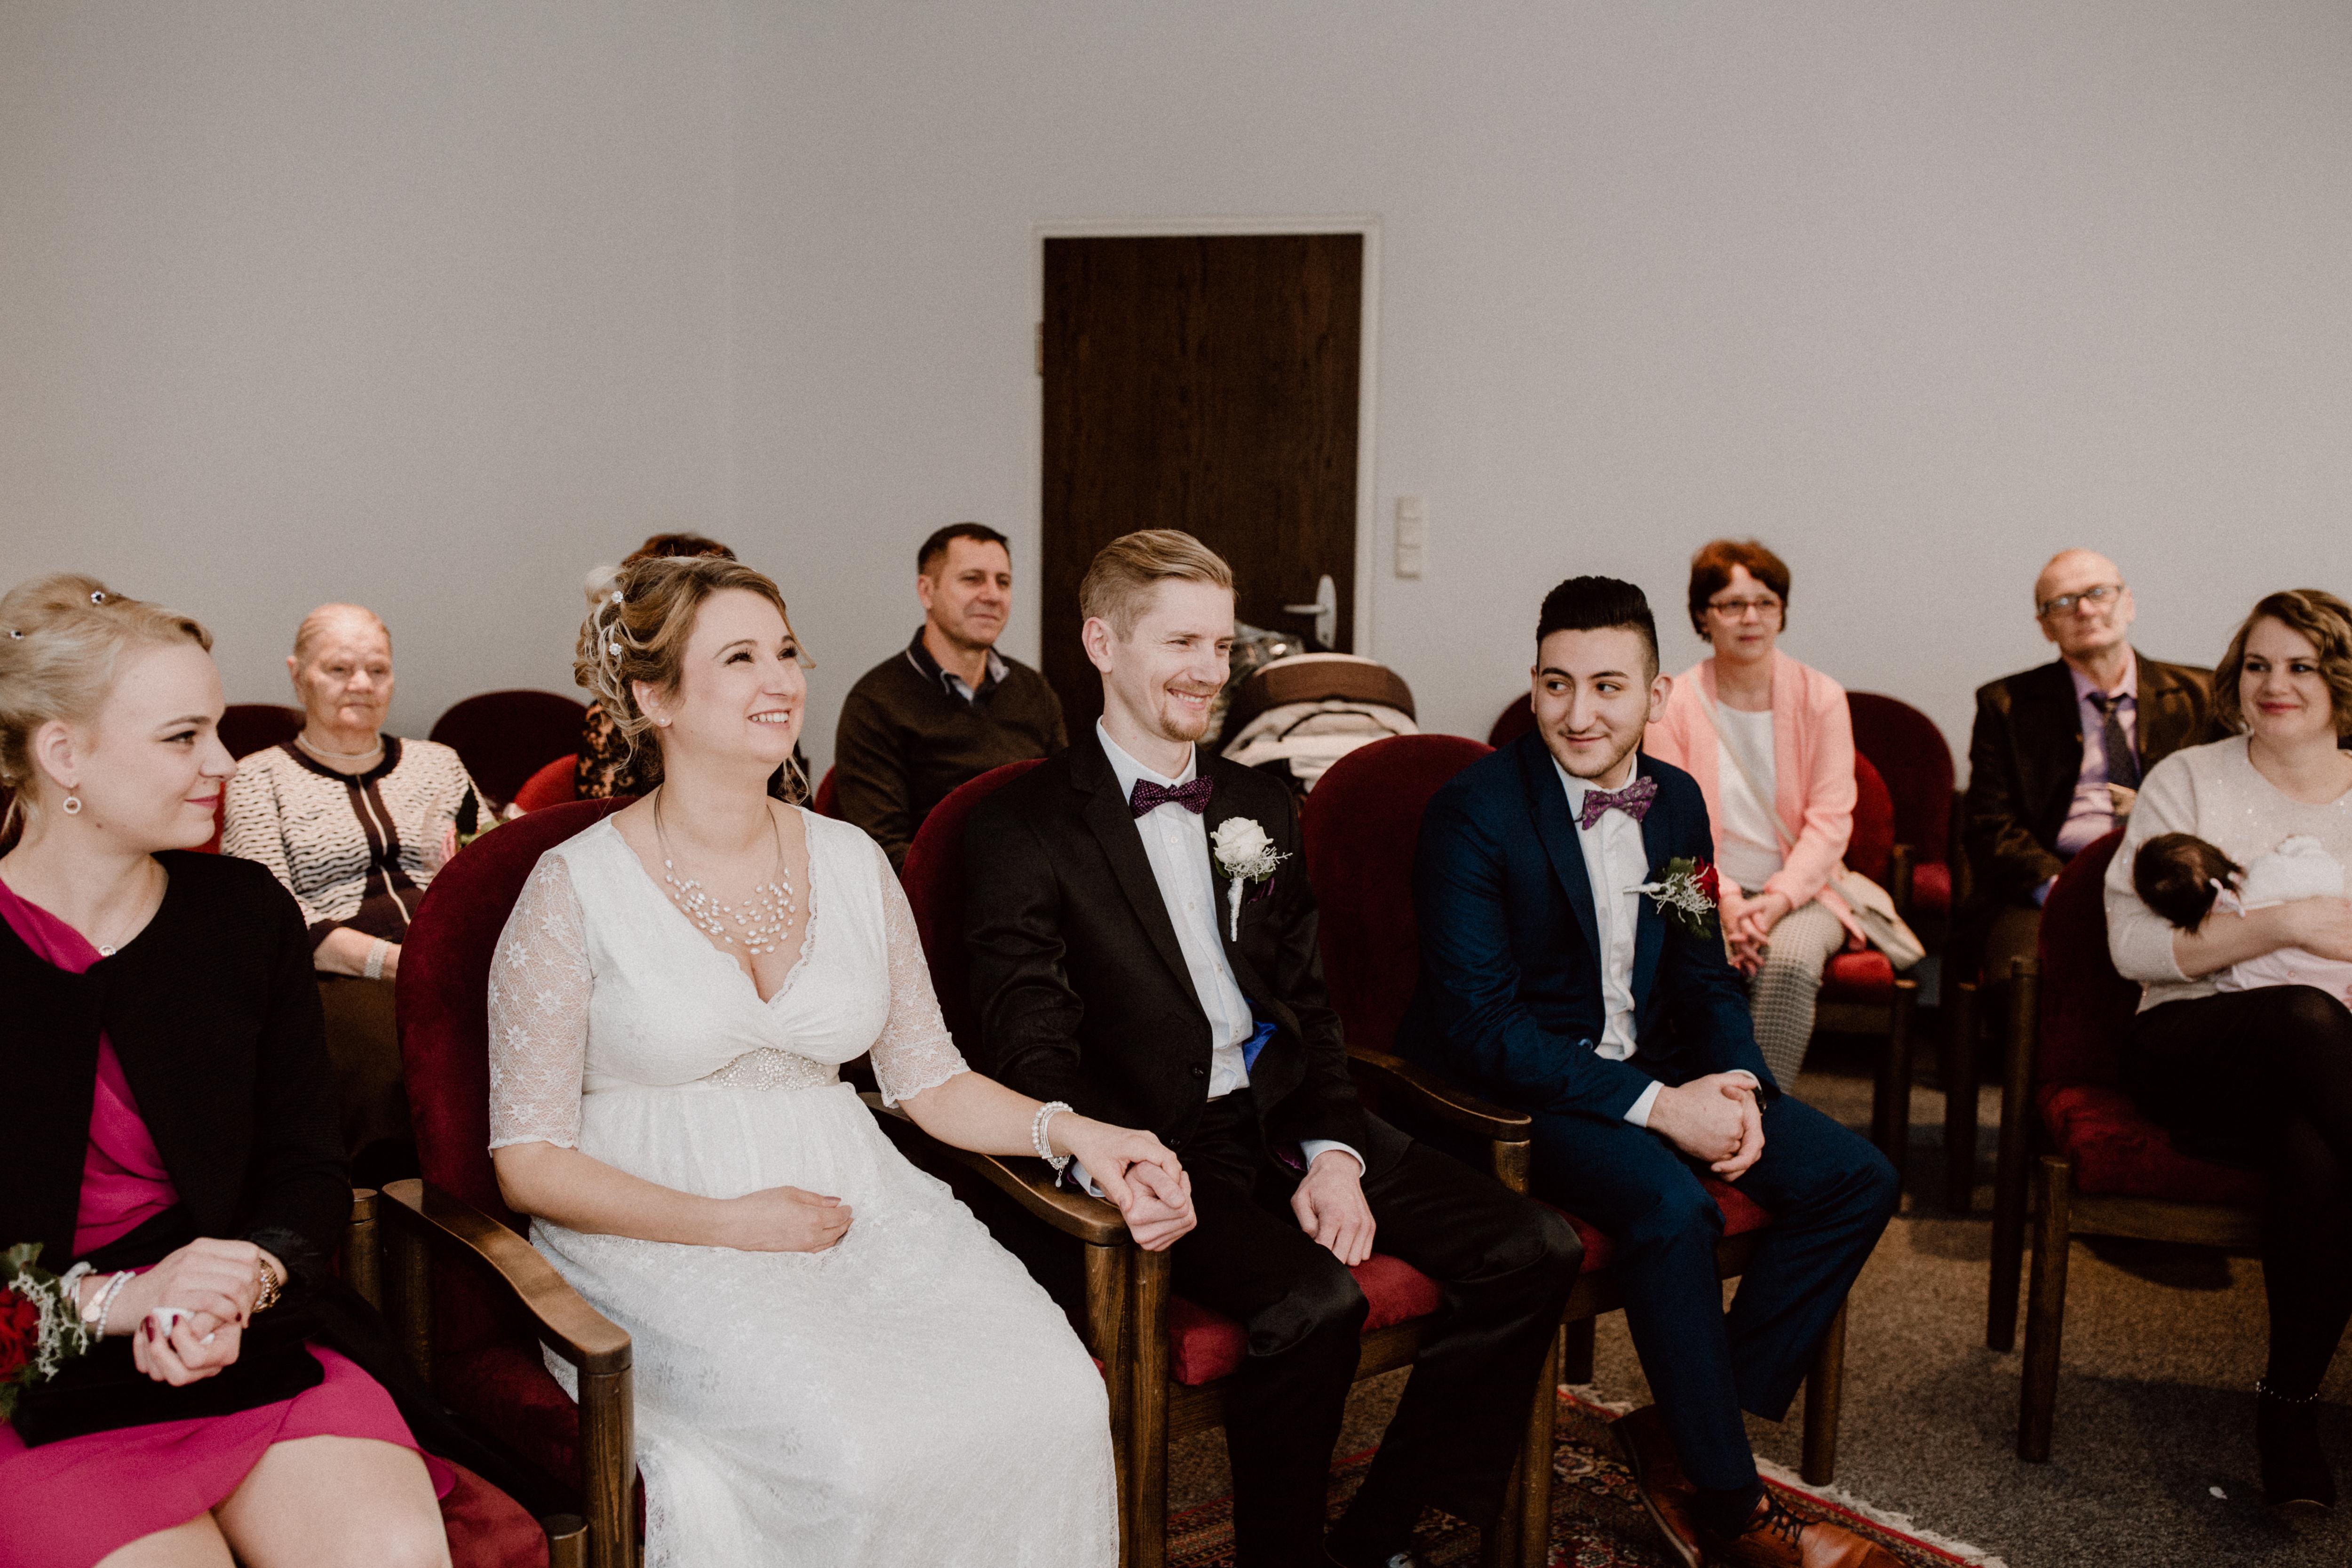 URBANERIE_Daniela_Goth_Hochzeitsfotografin_Nürnberg_Fürth_Erlangen_Schwabach_171110_0107